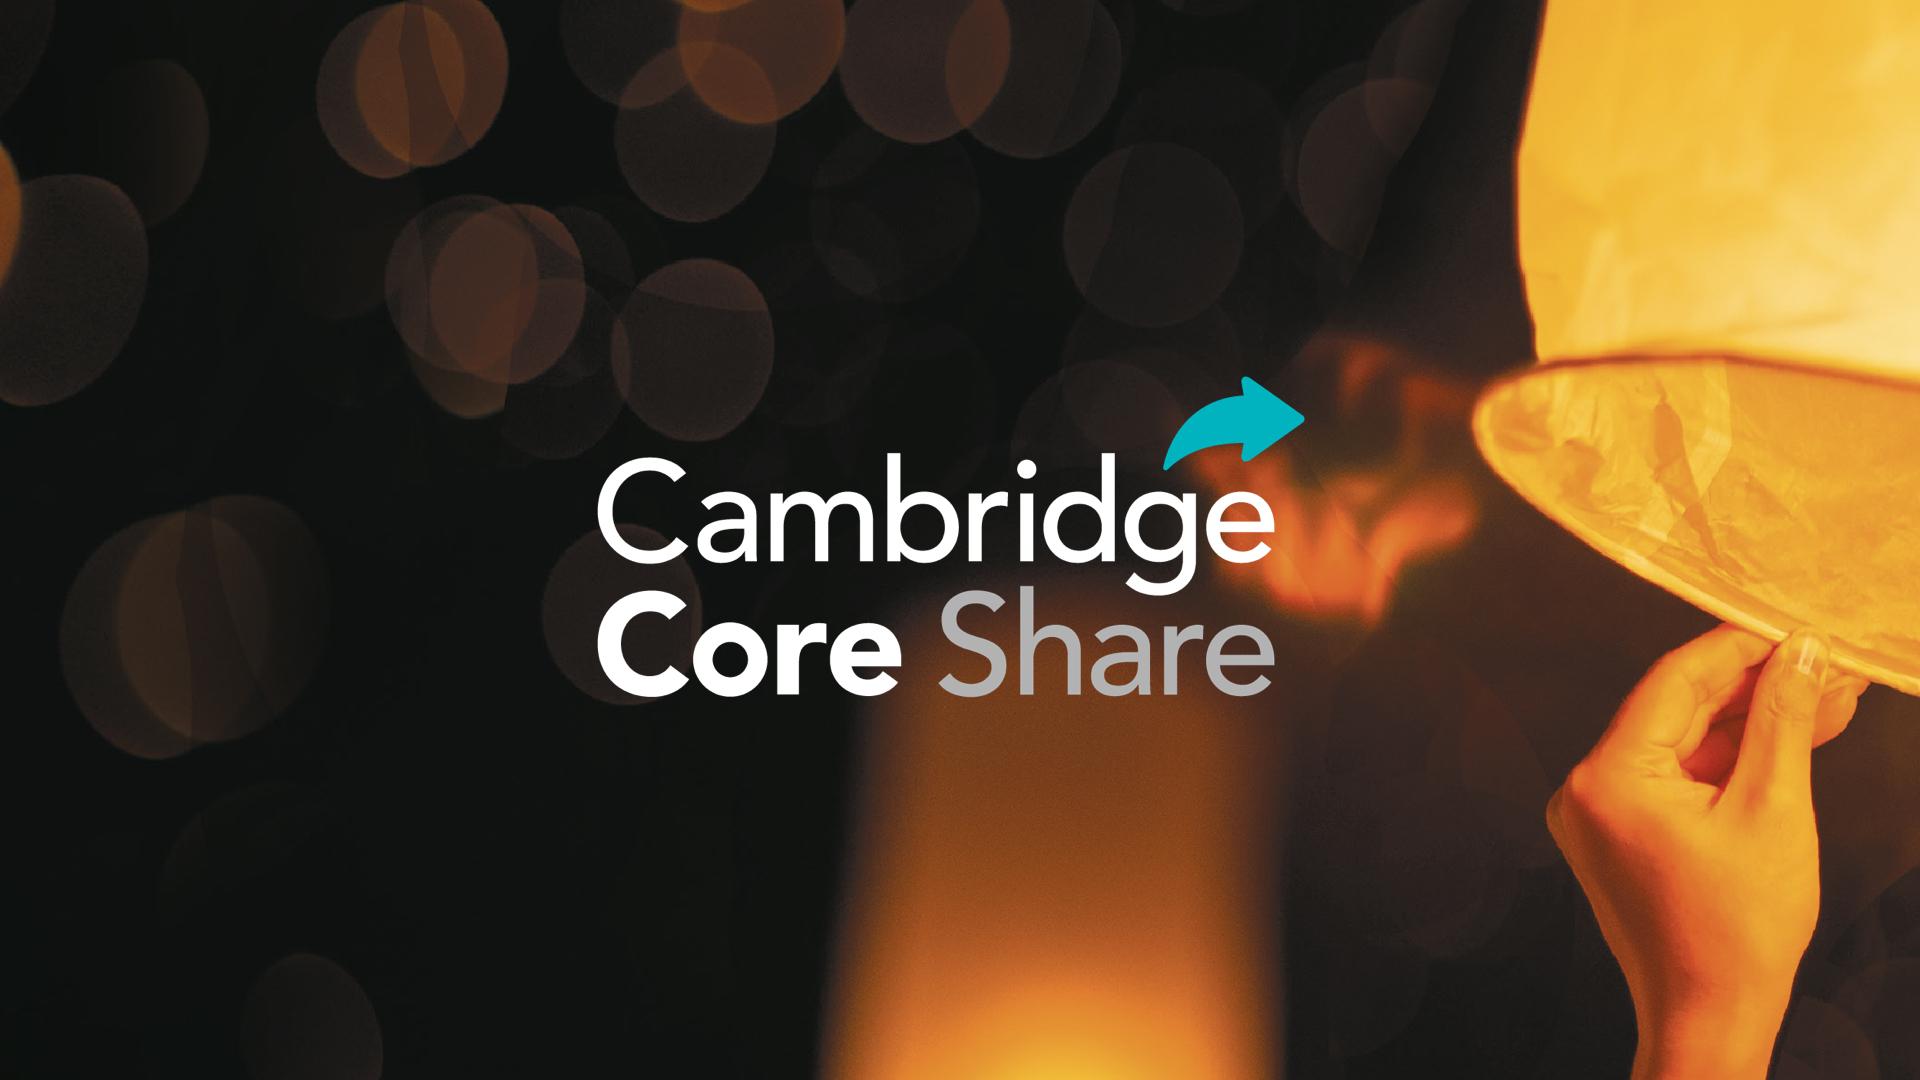 Cambridge Core Share